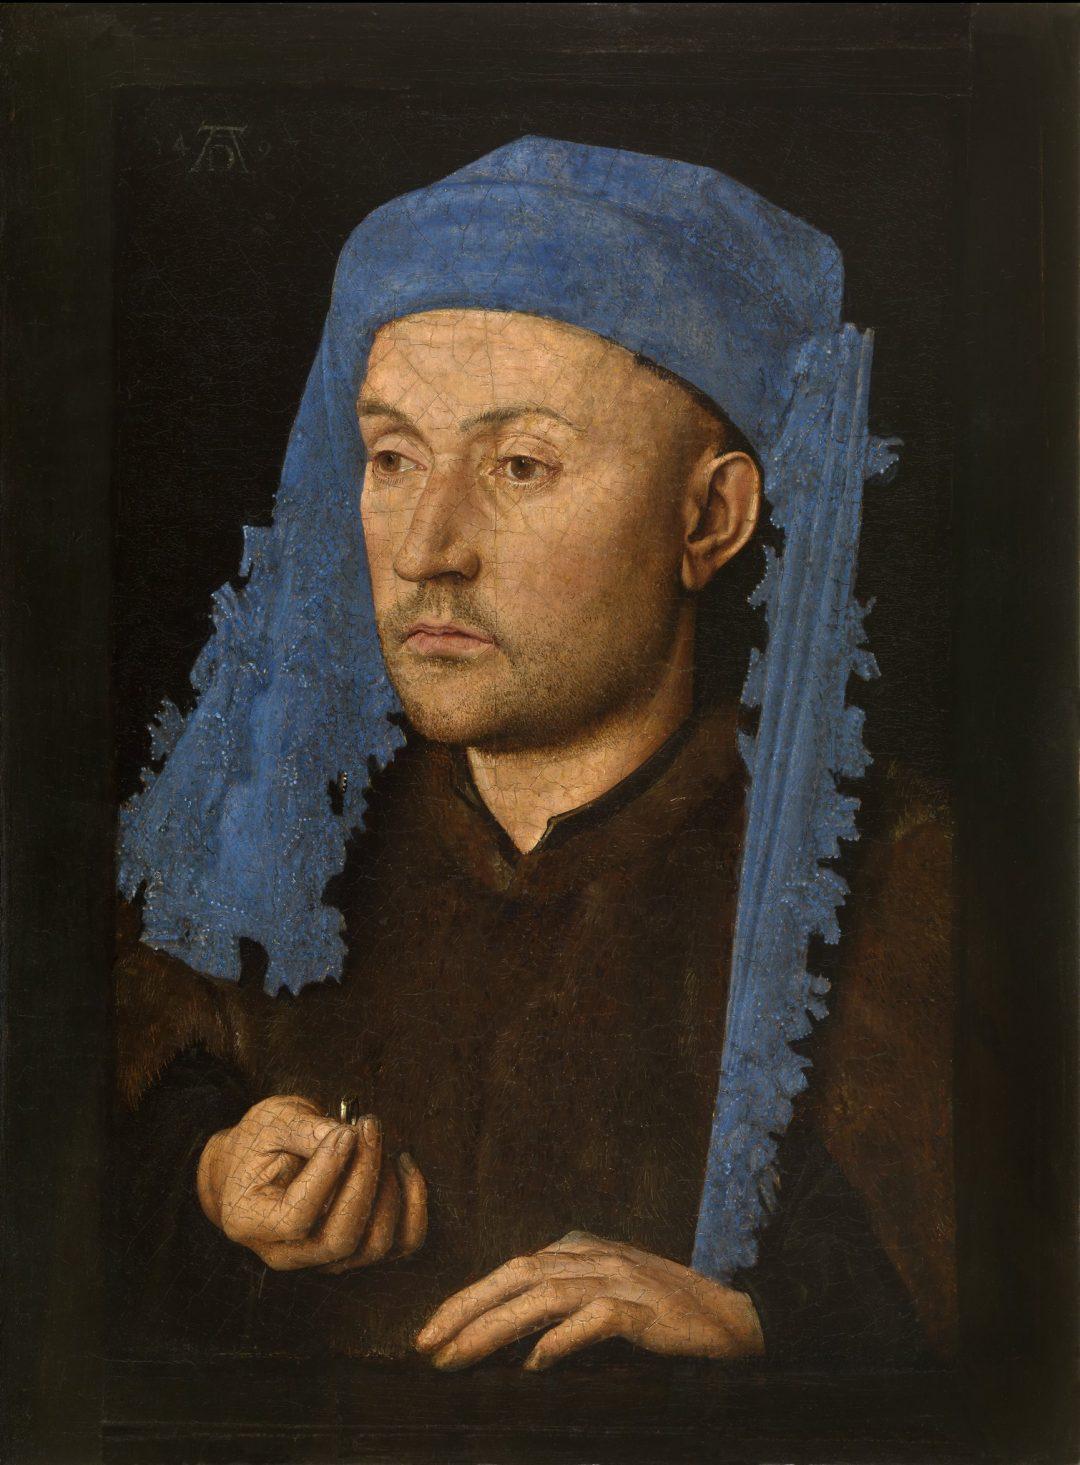 Gand, la mostra-evento di Jan van Eyck